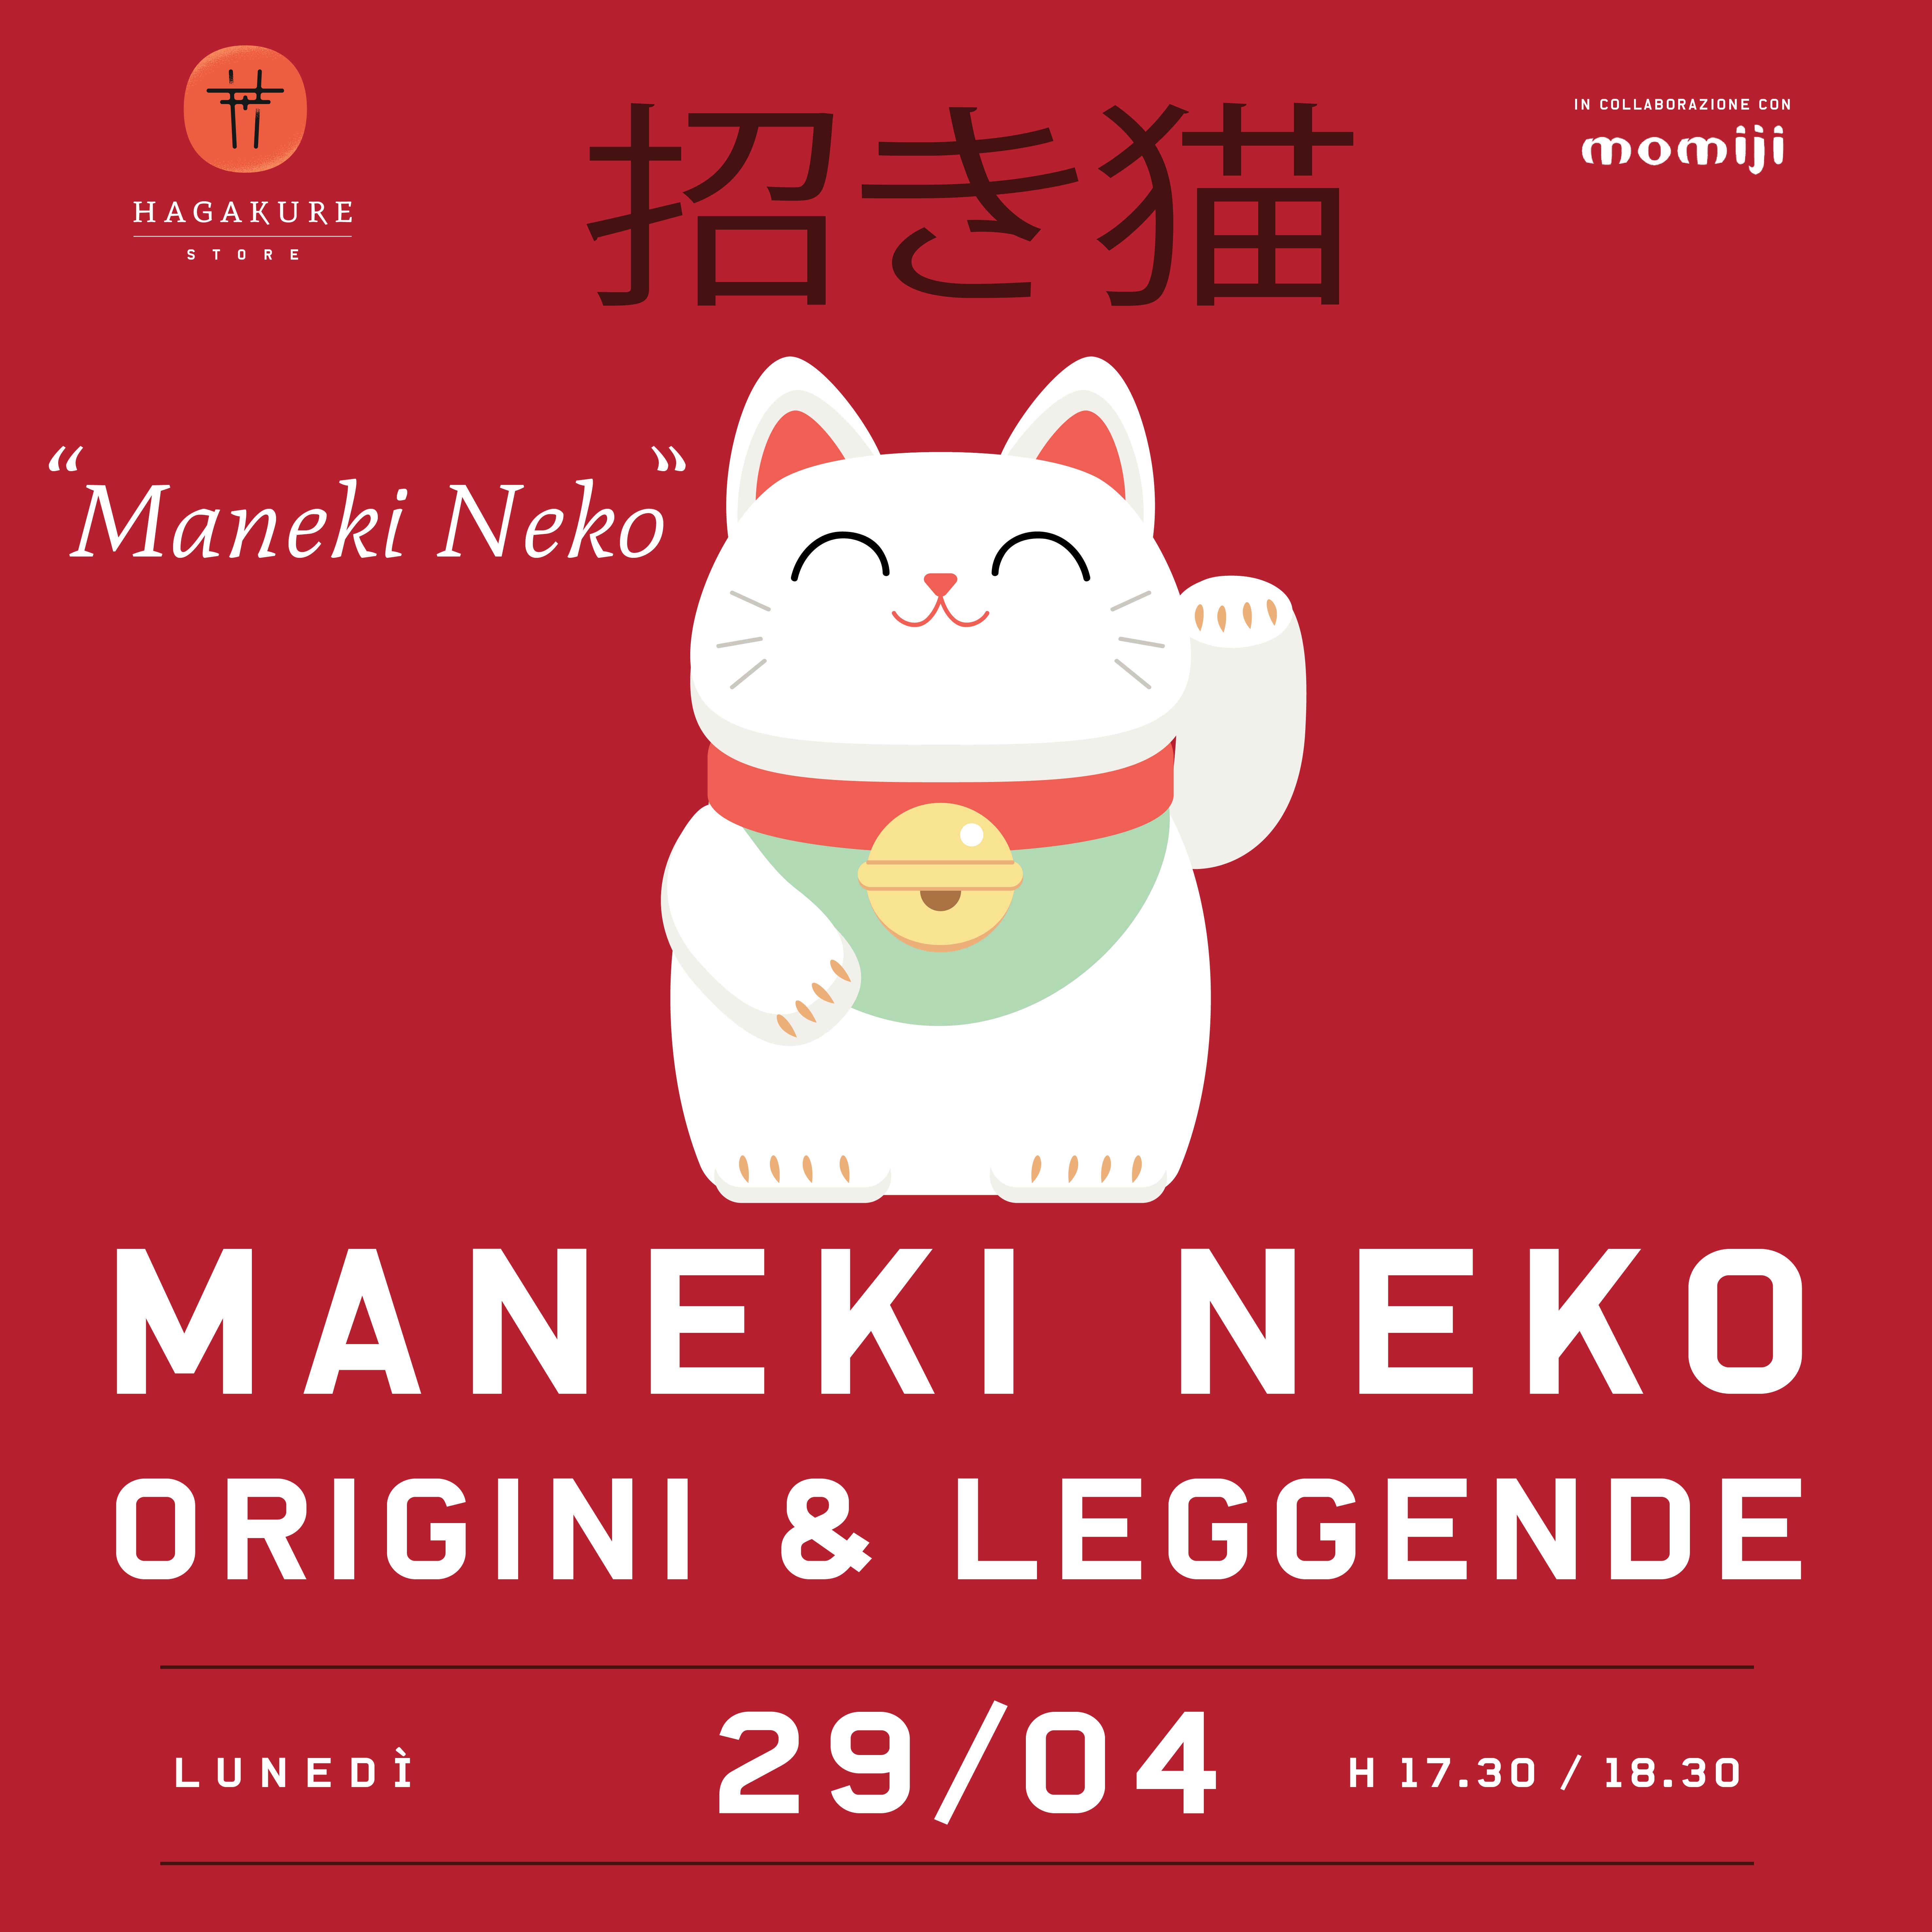 hagakure sushi fusion MANEKI NEKO - ORIGINI E LEGGENDE